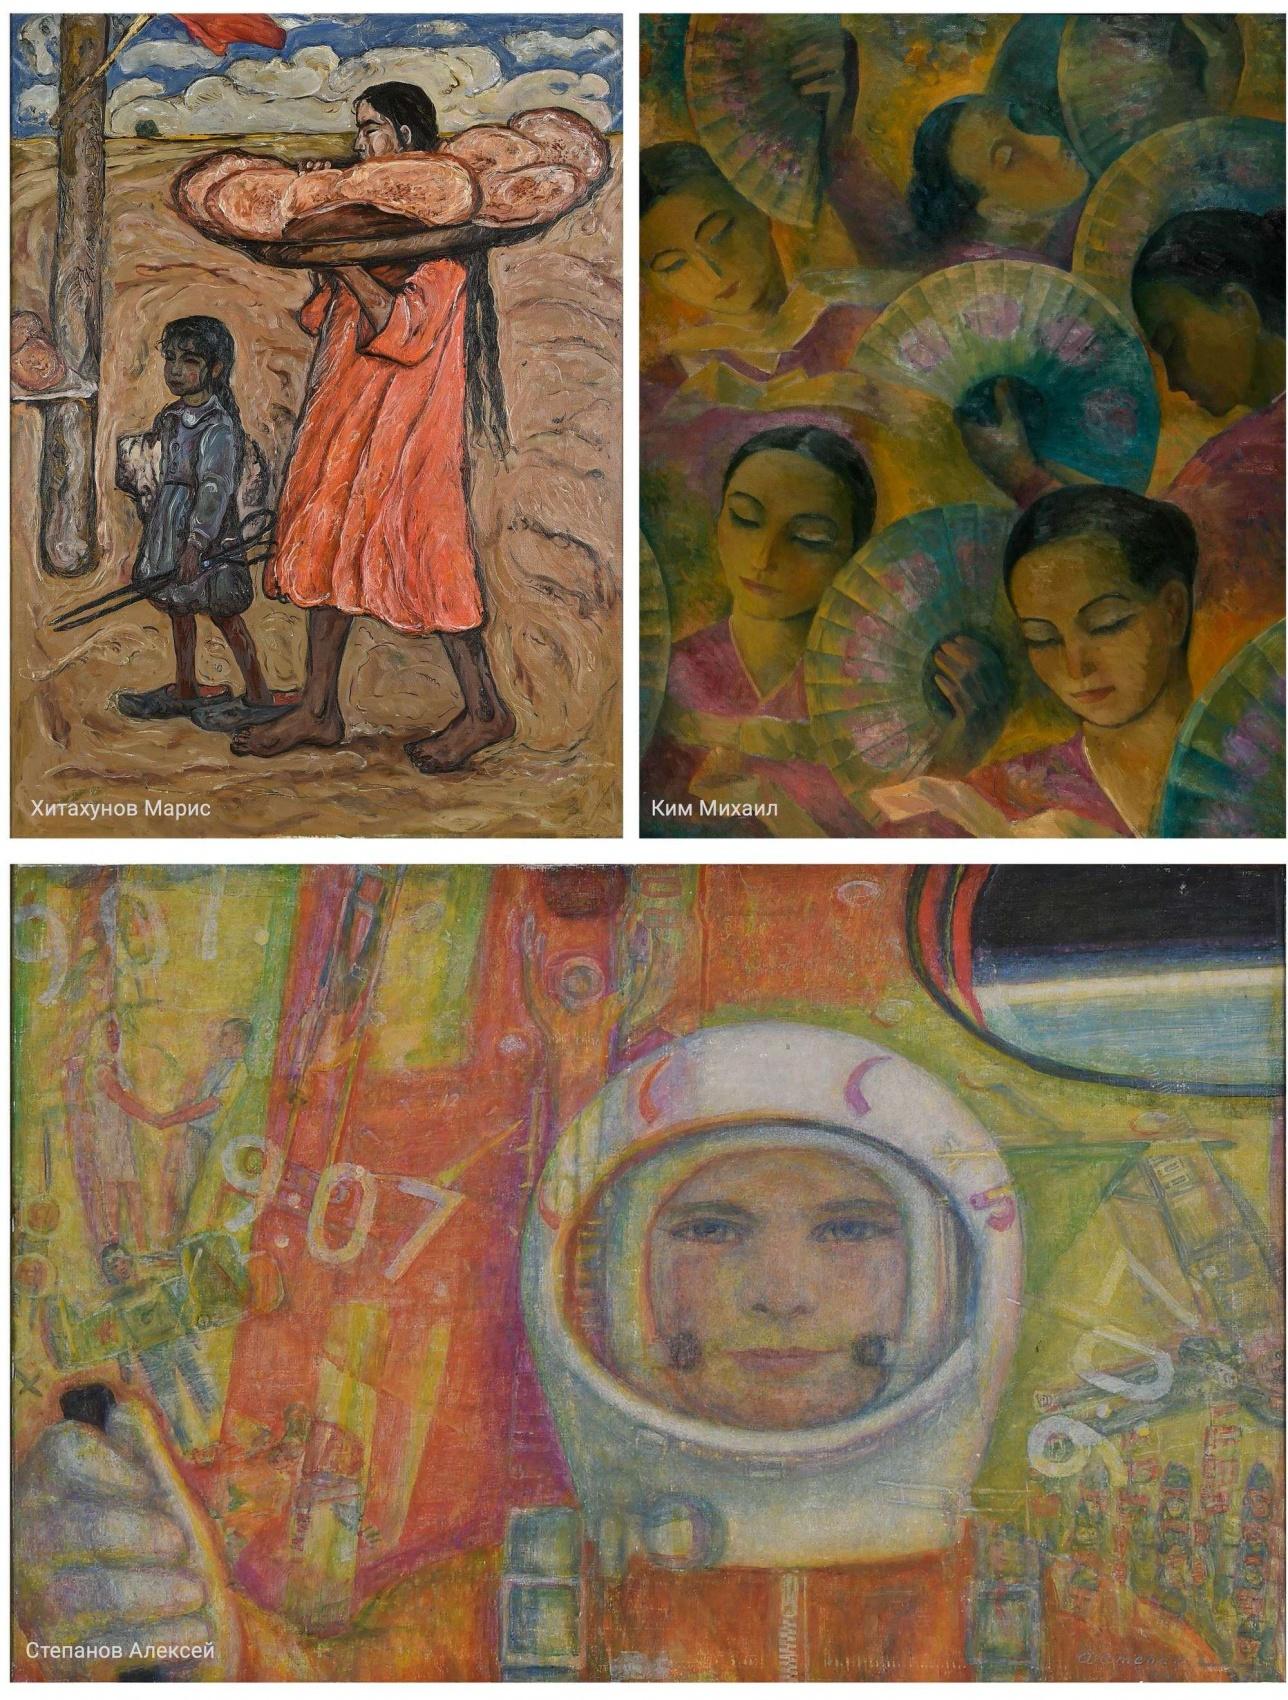 На выставке представлены работы 57 художников из Казахстана